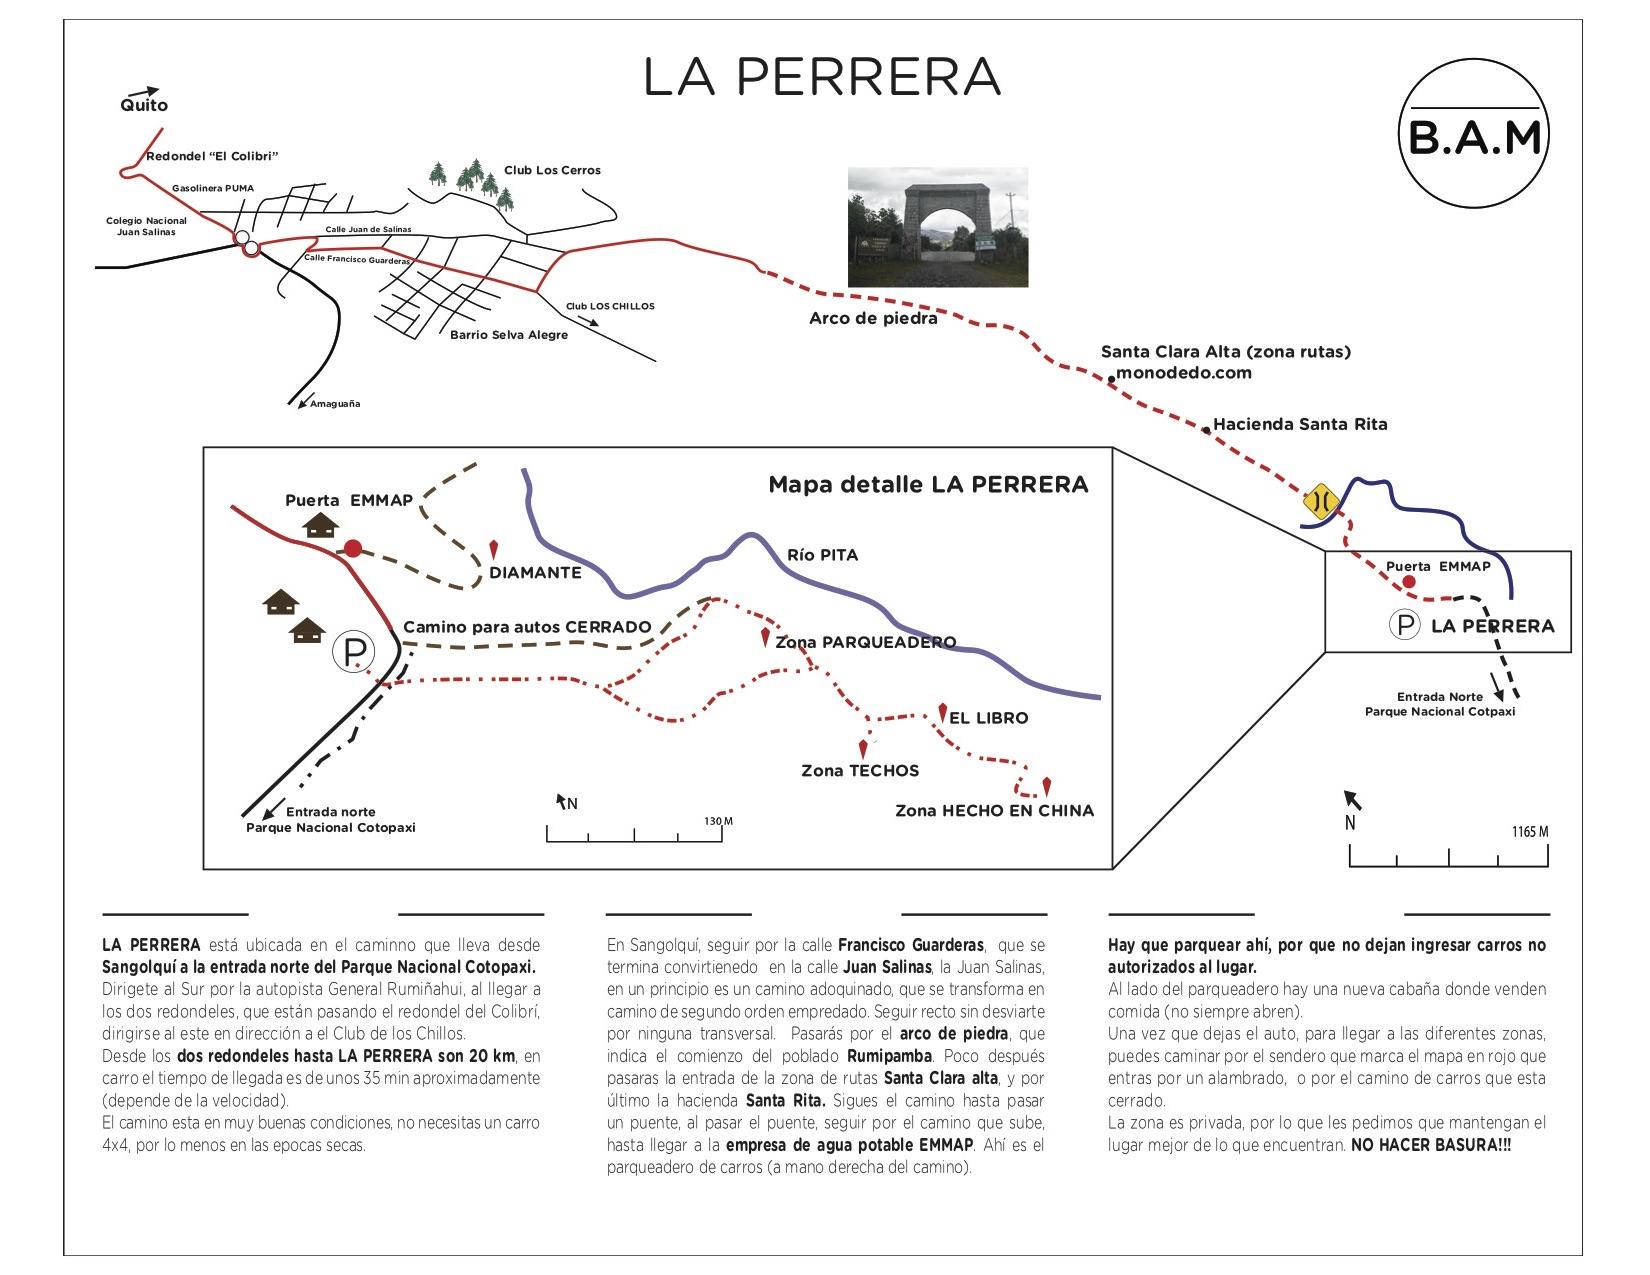 La Perrera Map